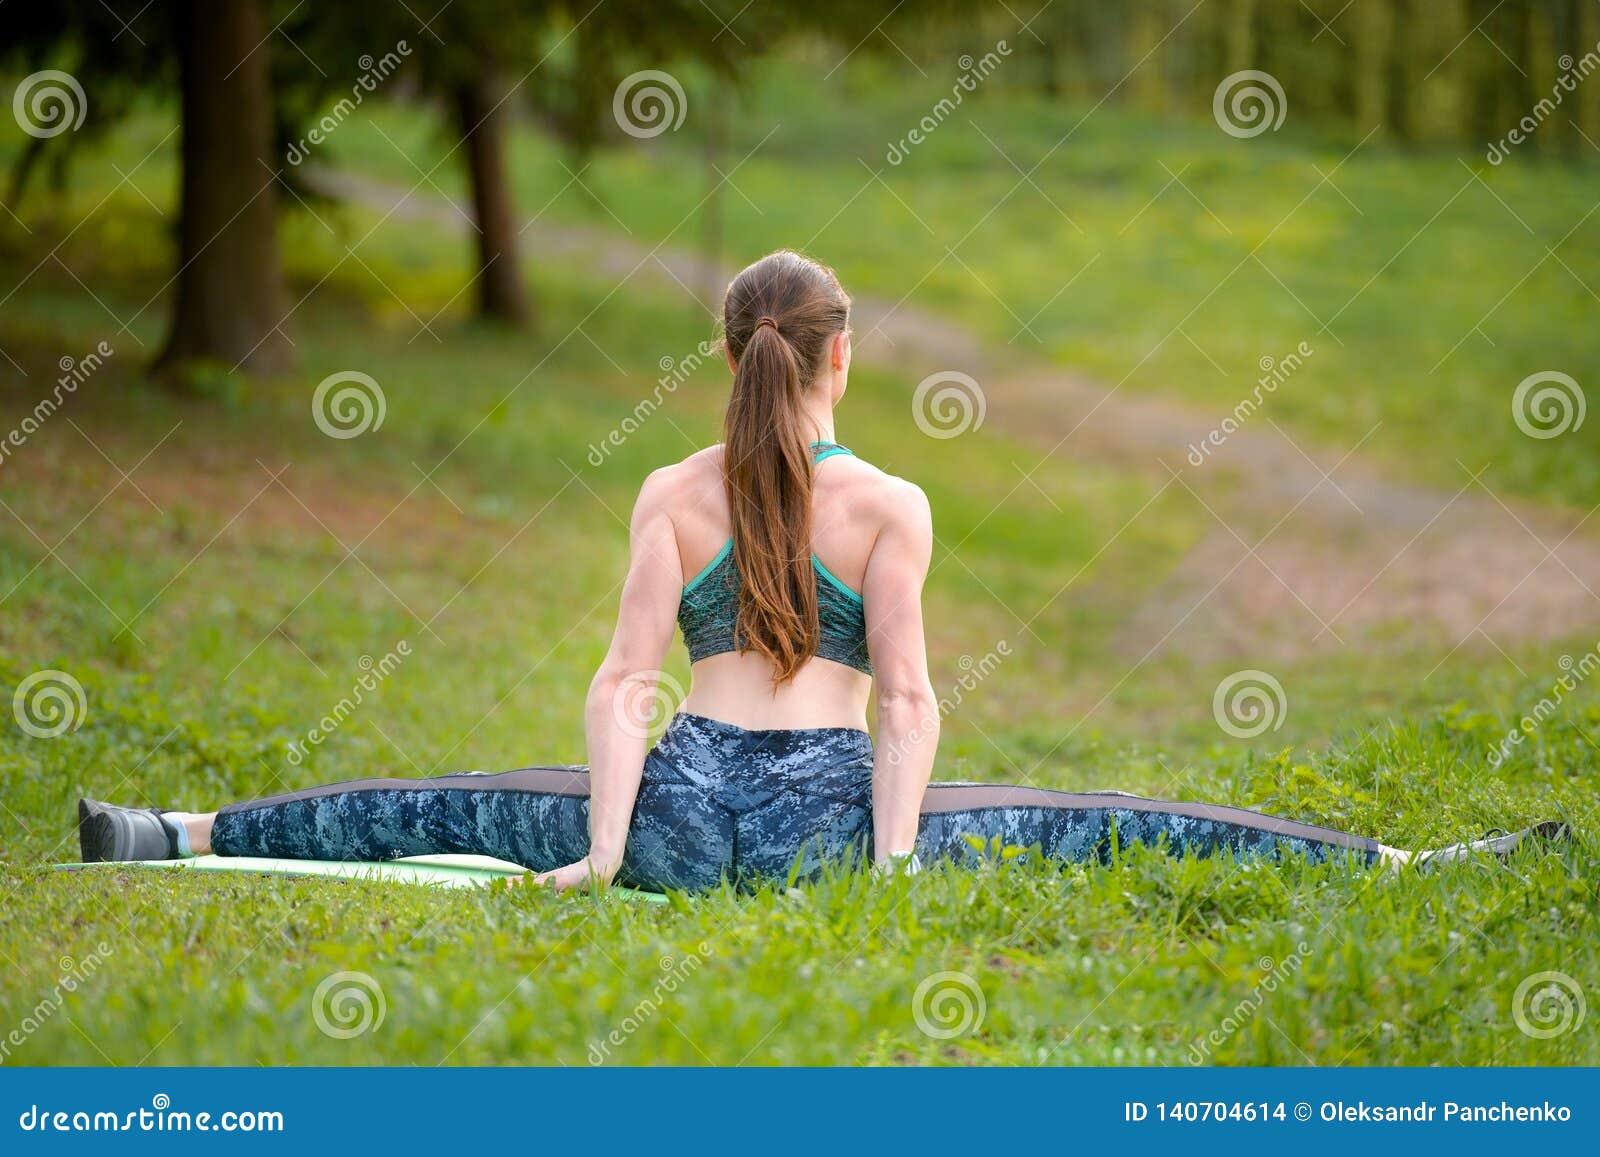 Jong flexibel meisje, die op de uitgerekte streng zitten, alvorens op te leiden